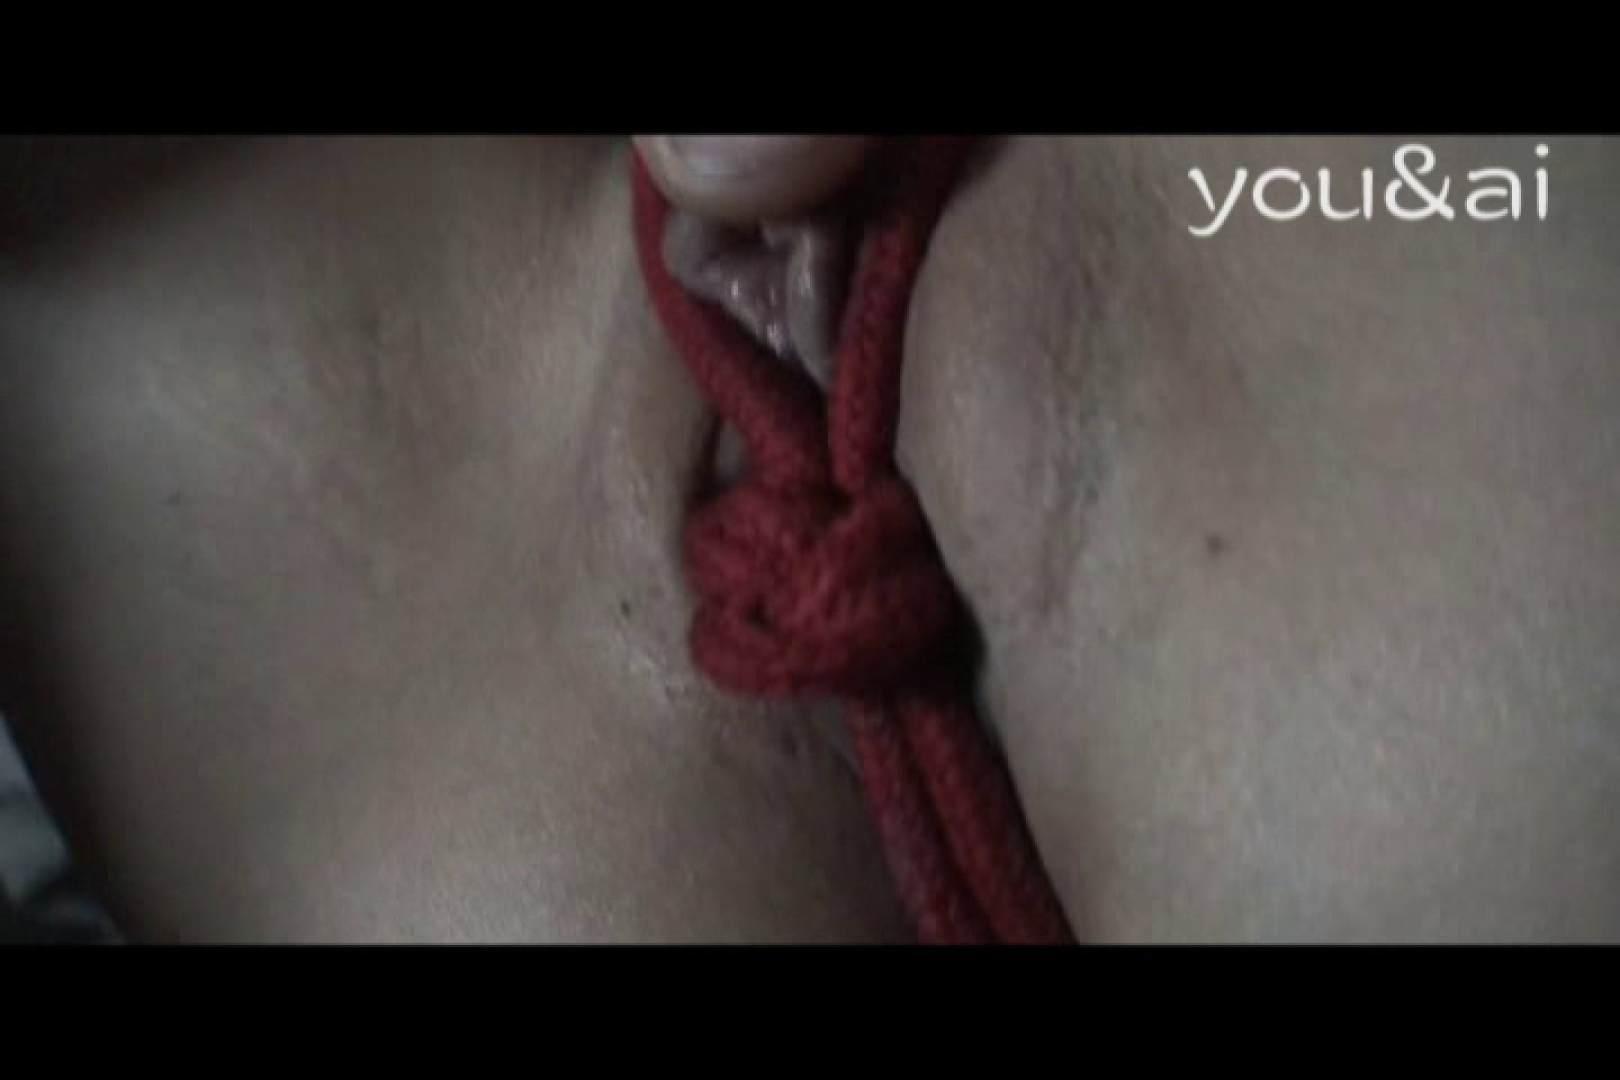 おしどり夫婦のyou&aiさん投稿作品vol.4 一般投稿 オマンコ動画キャプチャ 71pic 19